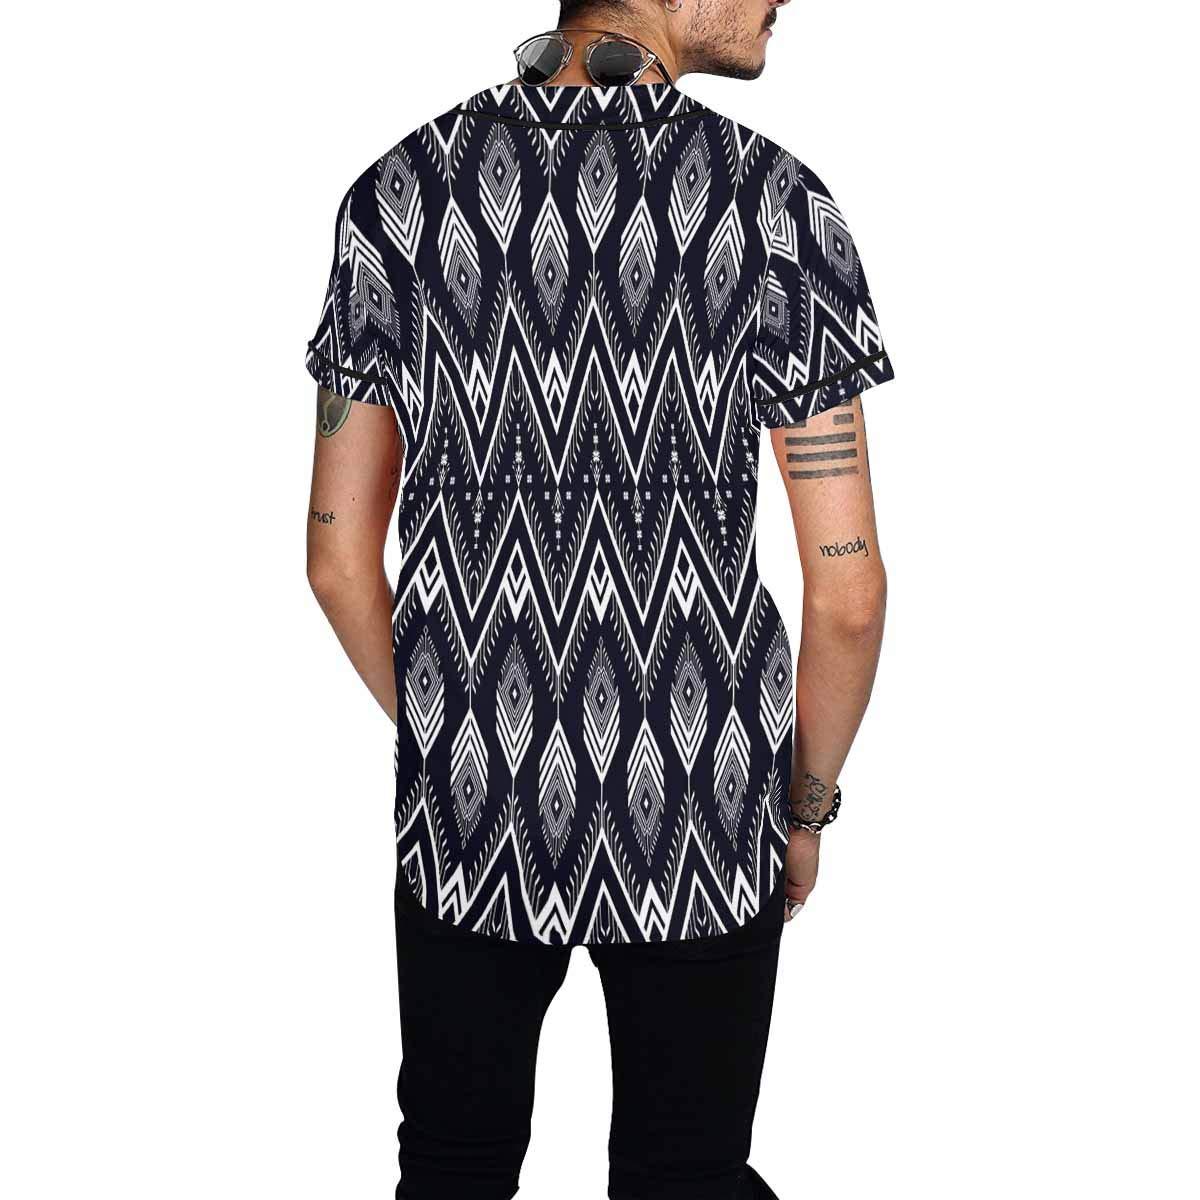 INTERESTPRINT Mens Baseball Jersey Button Down T Shirts Plain Short Sleeve